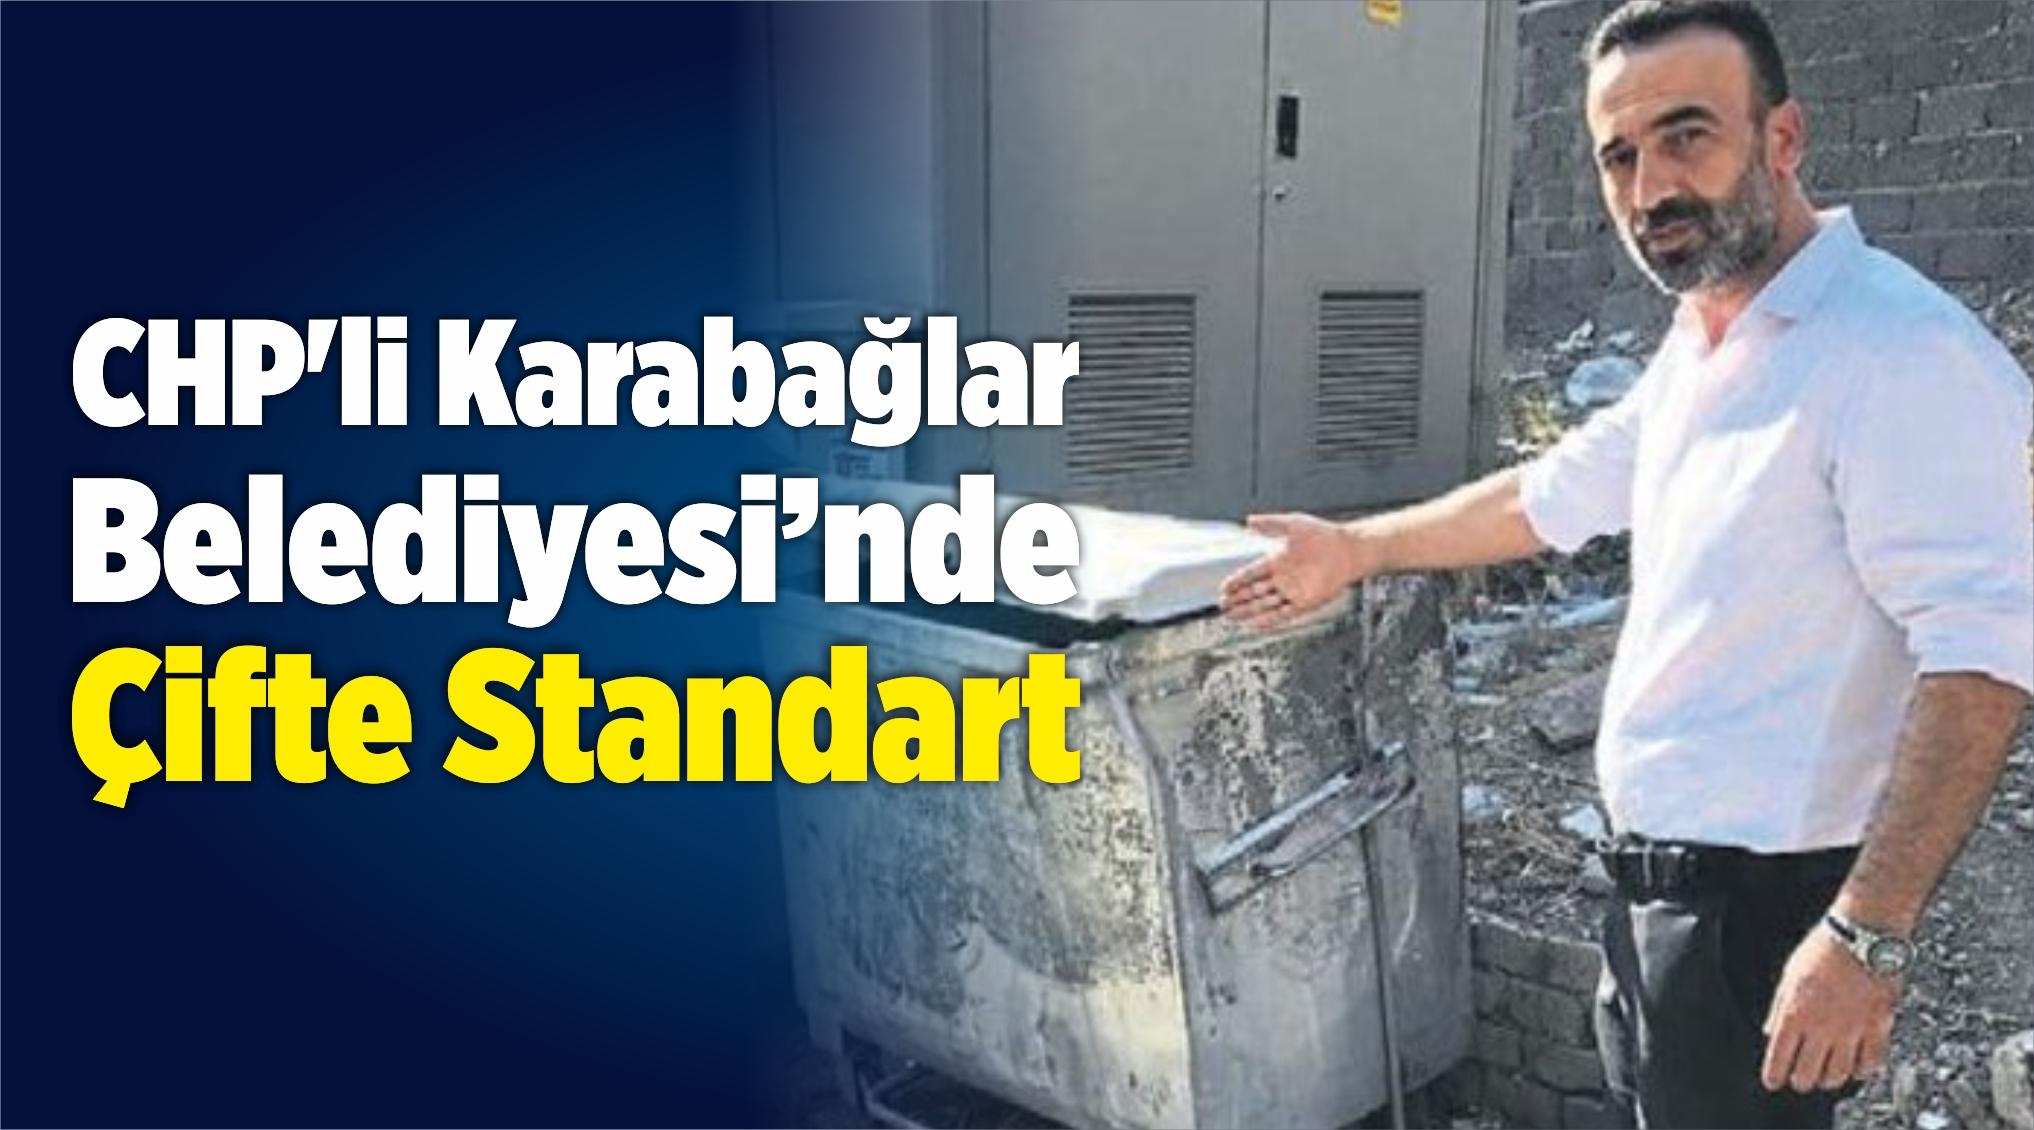 CHP'liKarabağlar Belediyesi'nde Çifte Standart!